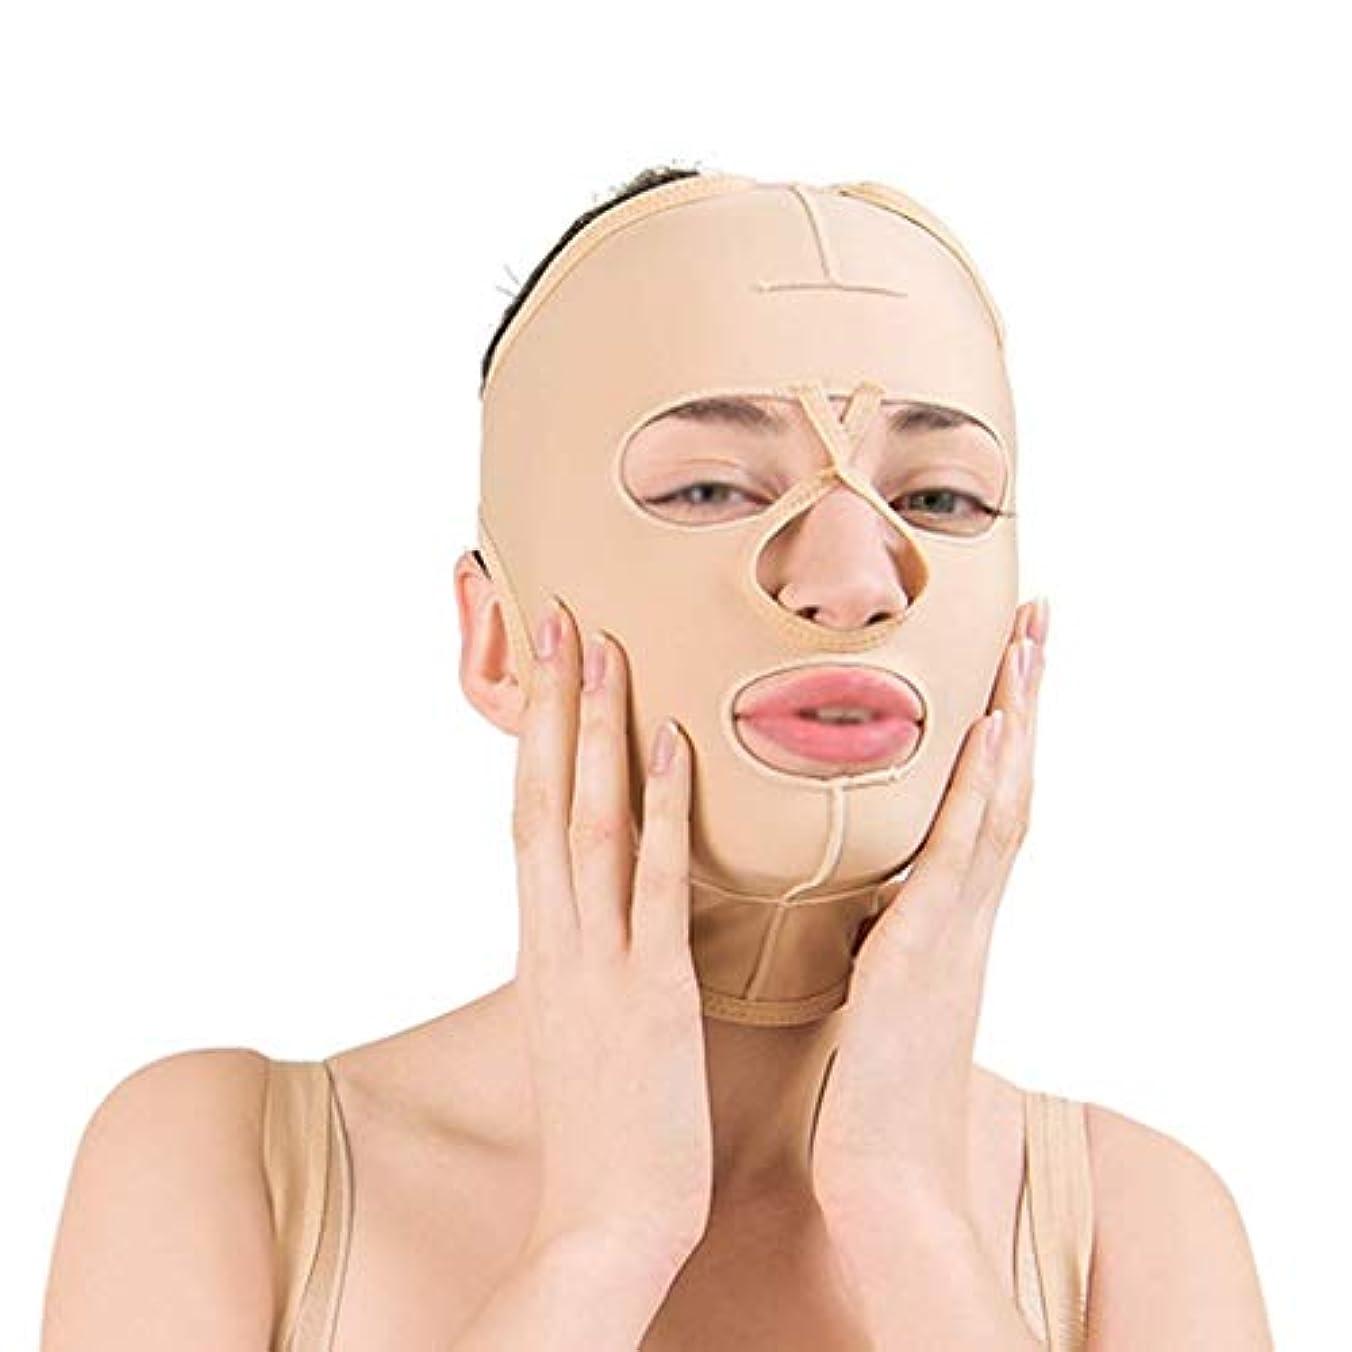 くるみ協定大西洋フェイススリミングマスク、フェイスバンデージ付きフェイシャル減量マスク、通気性フェイスリフト、引き締め、フェイスリフティング(サイズ:L),M